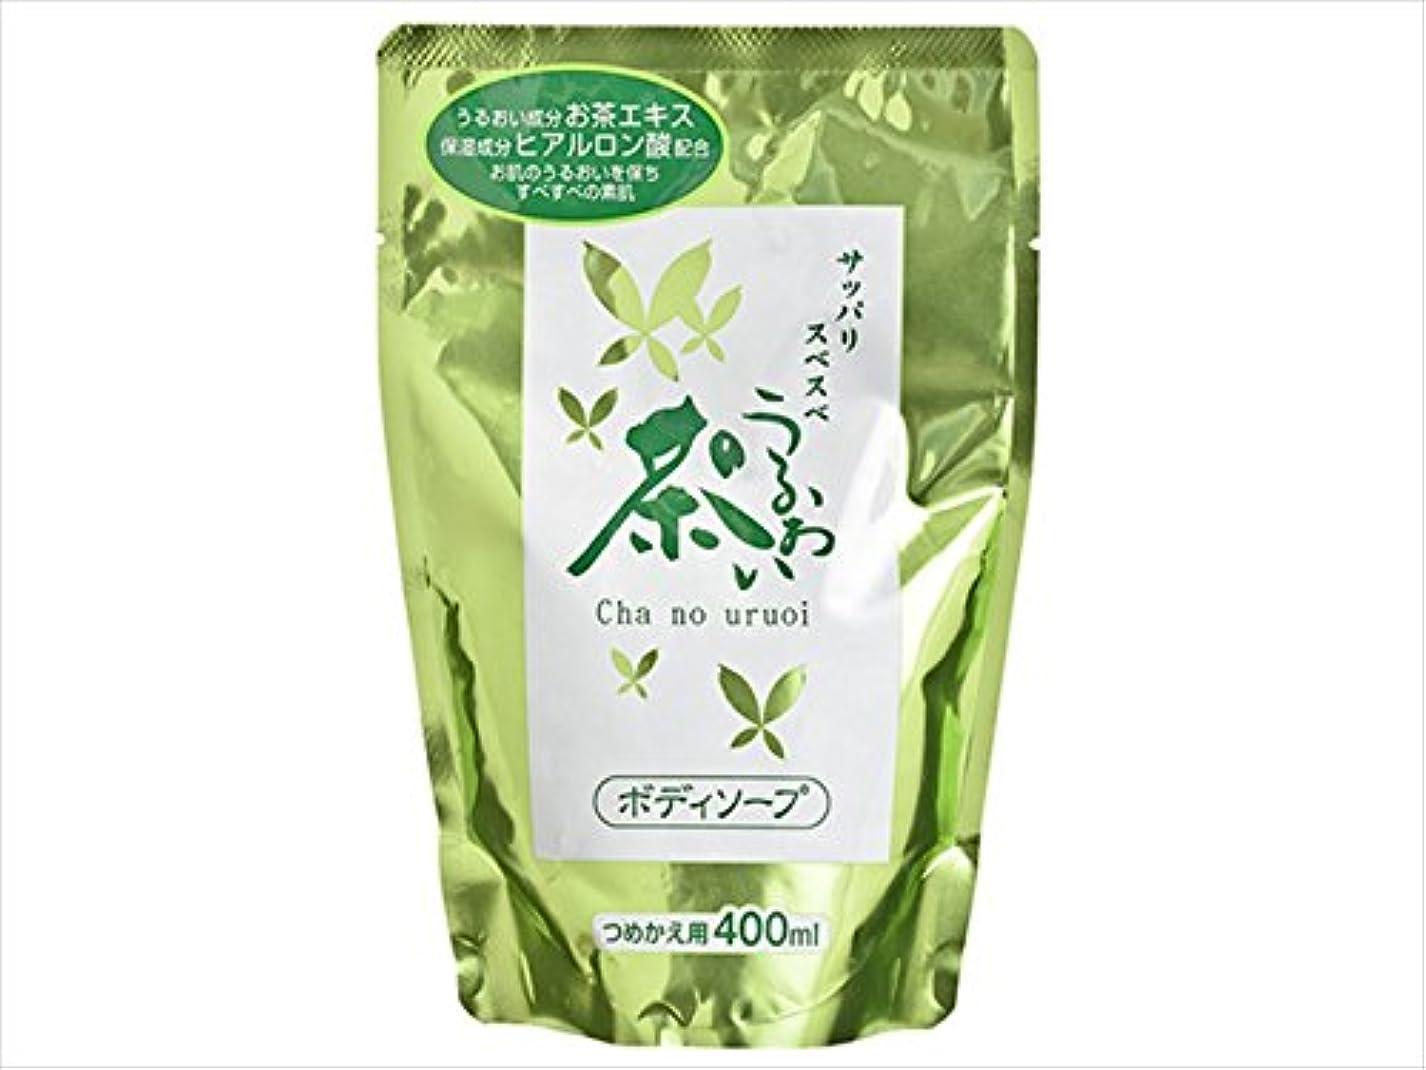 葉っぱレーニン主義海洋のべっぴん堂 茶のうるおい ボディソープ つめかえ用 400ml